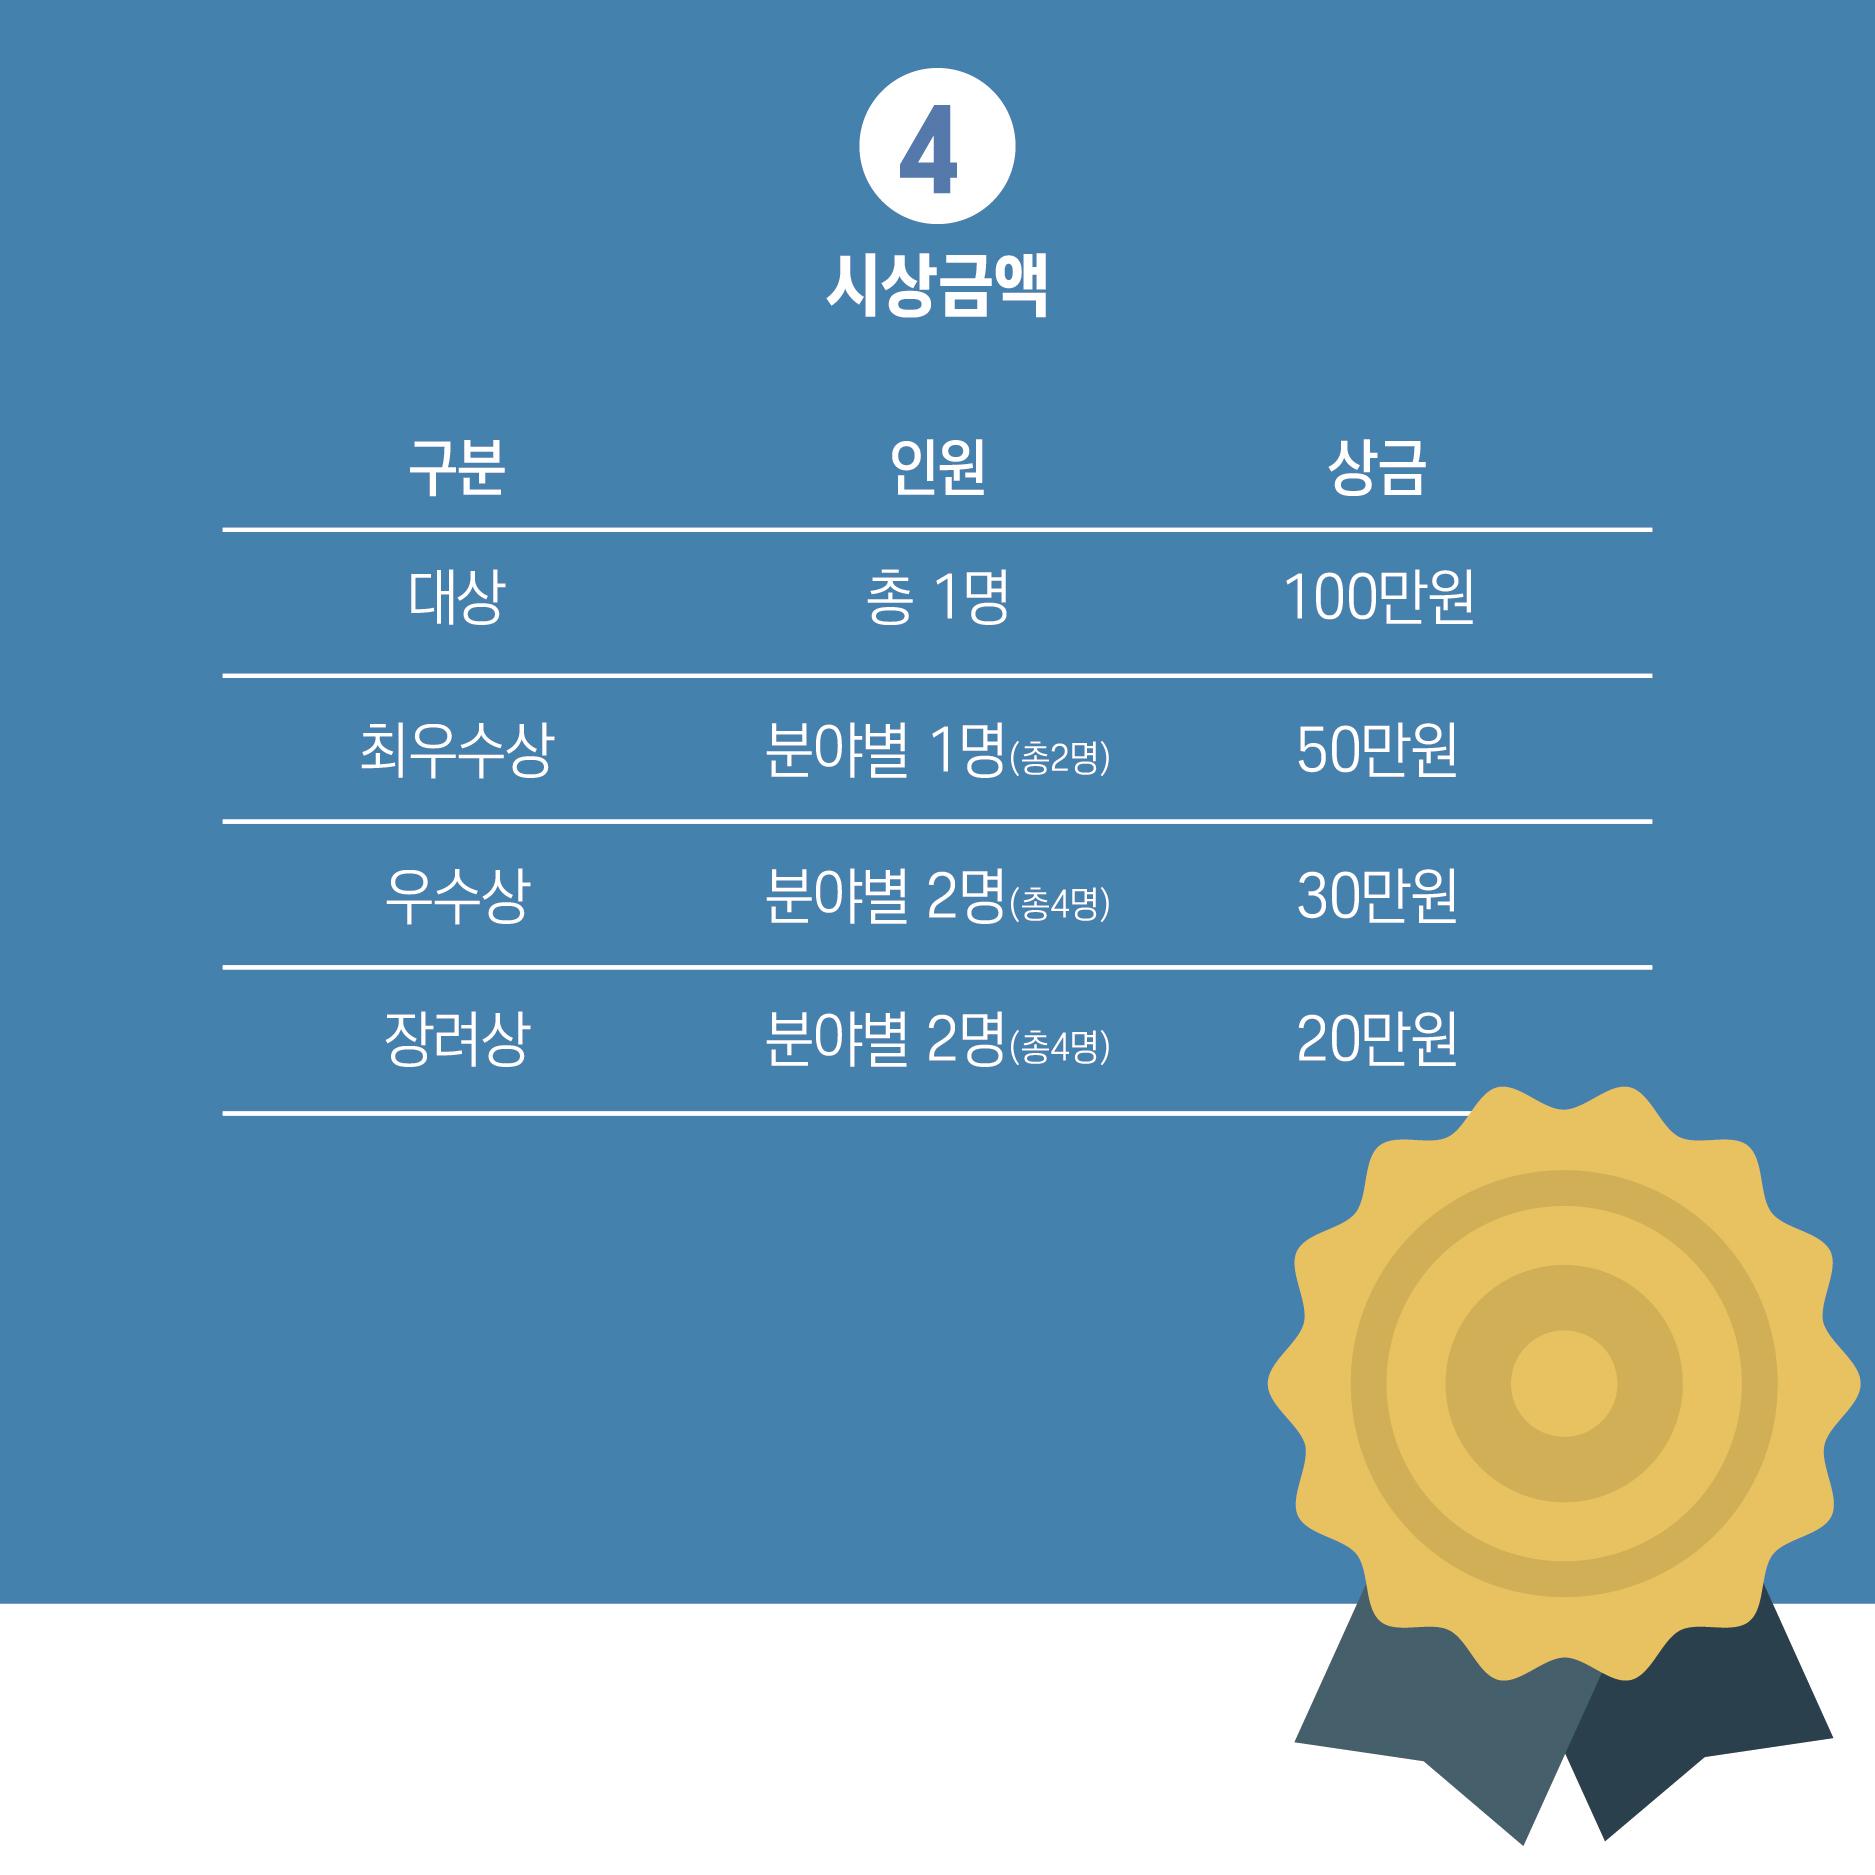 수기카드뉴스만들어보자3-09.jpg